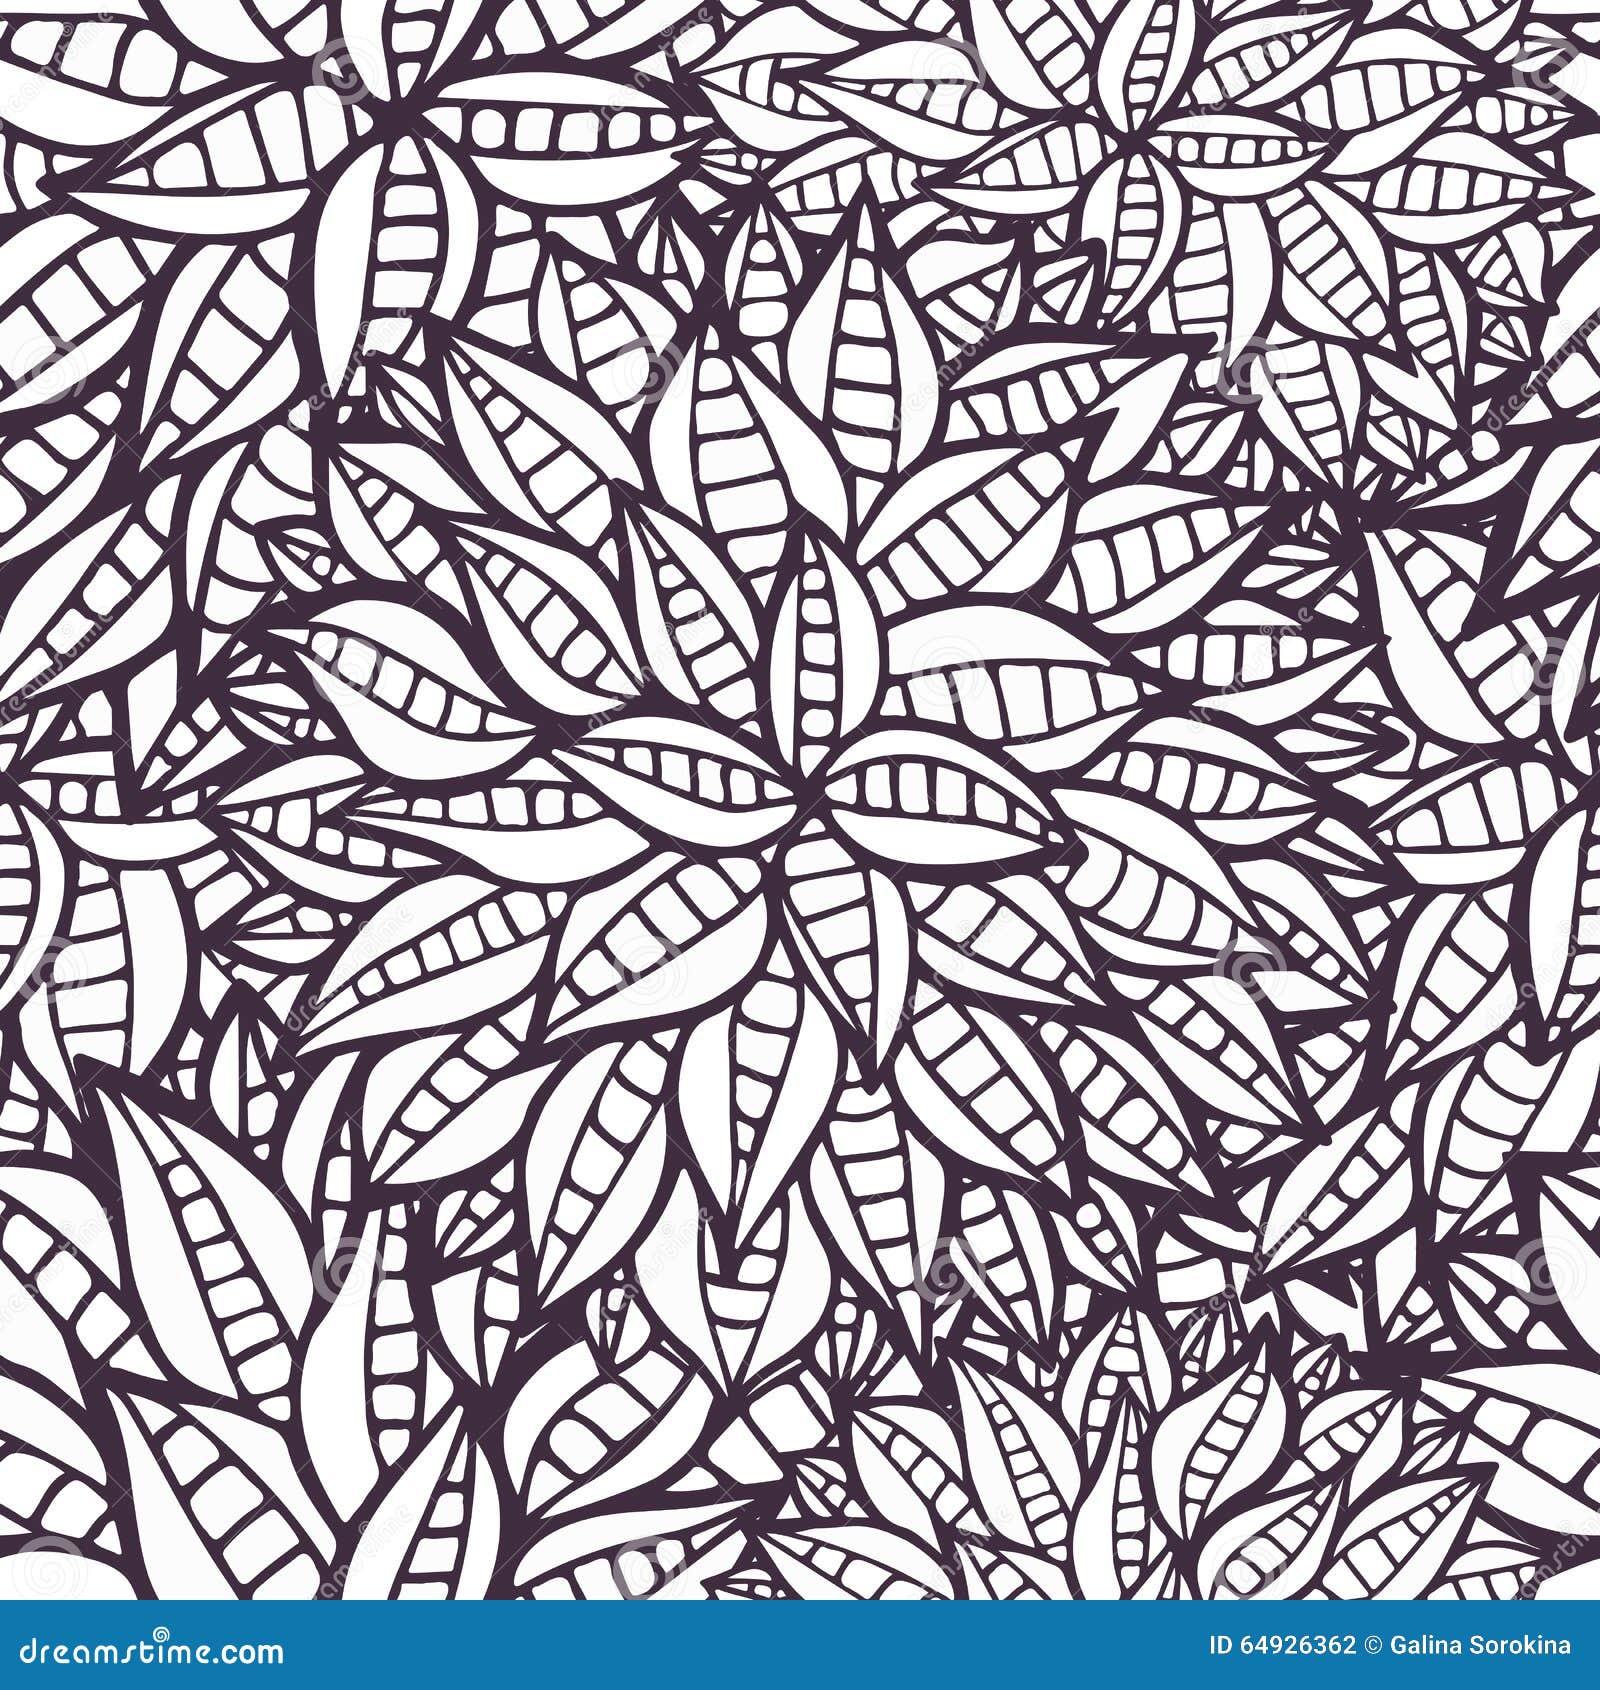 ornamental doodle floral pattern design for pocket square